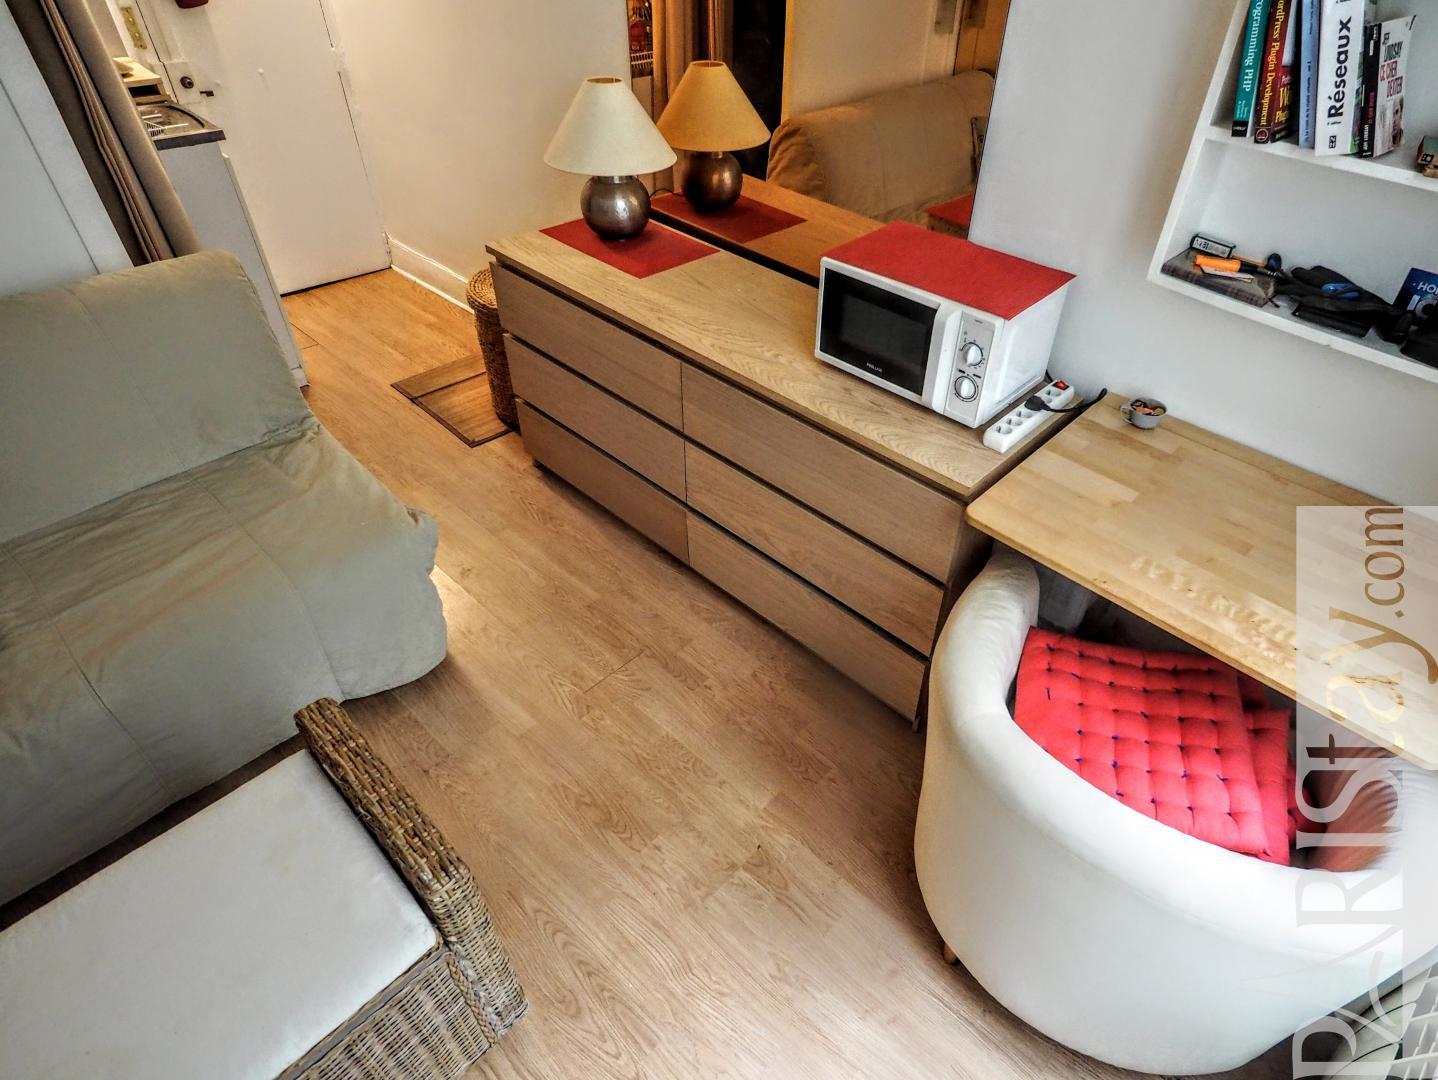 Appartement meubl paris logement tudiant saint germain for Salon job etudiant paris